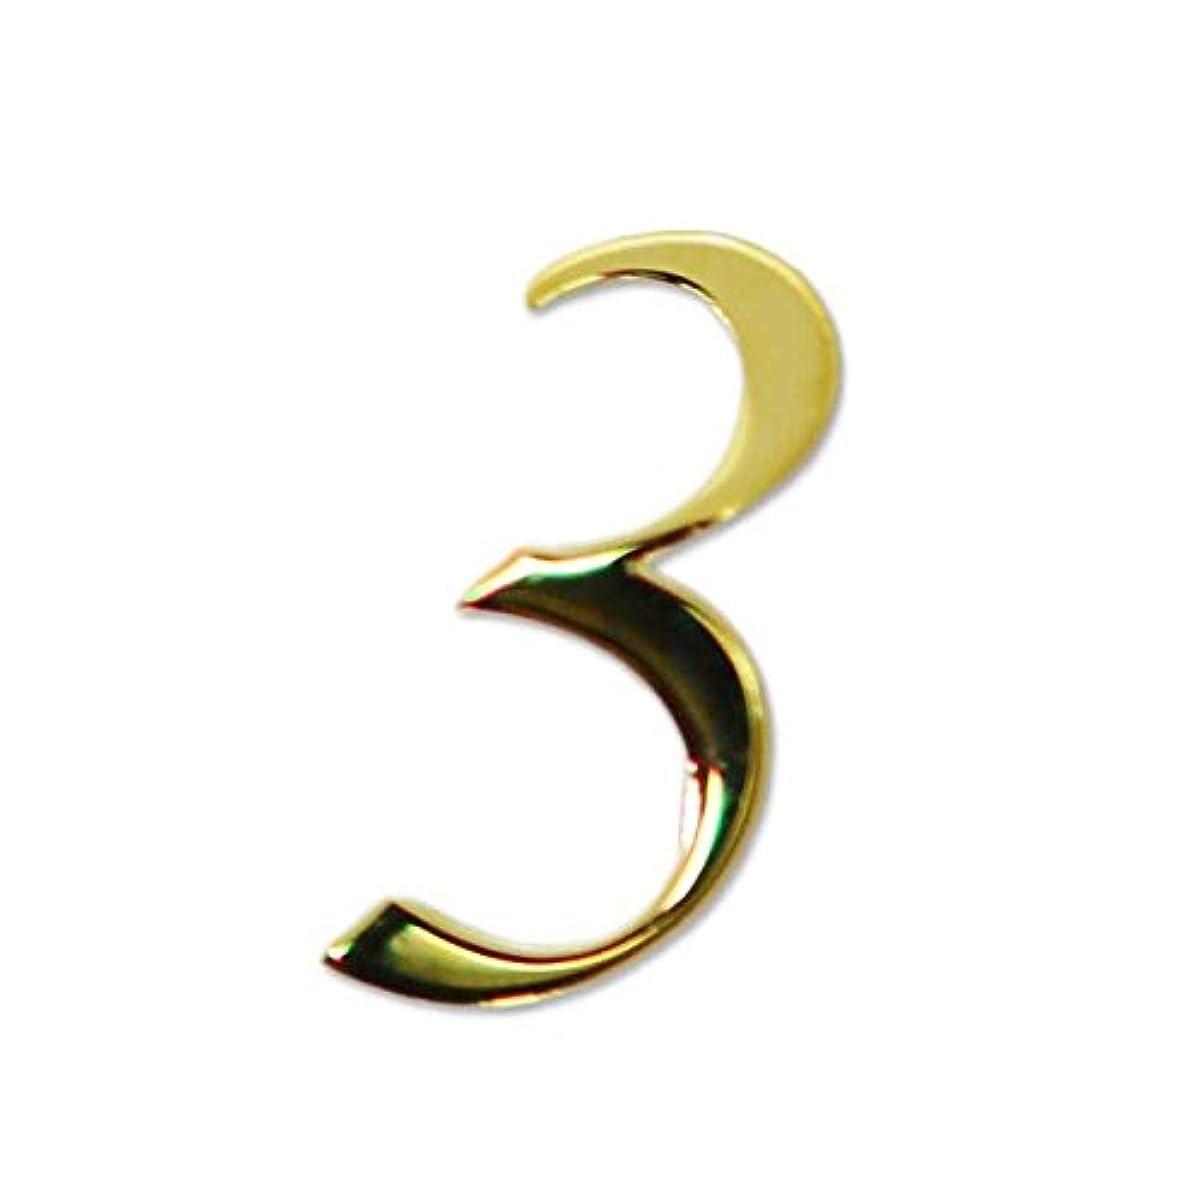 静的まあ故意に3/ゴールド?数字の薄型メタルパーツ 3 (Three) 3mmx5mm ゴールド 10枚